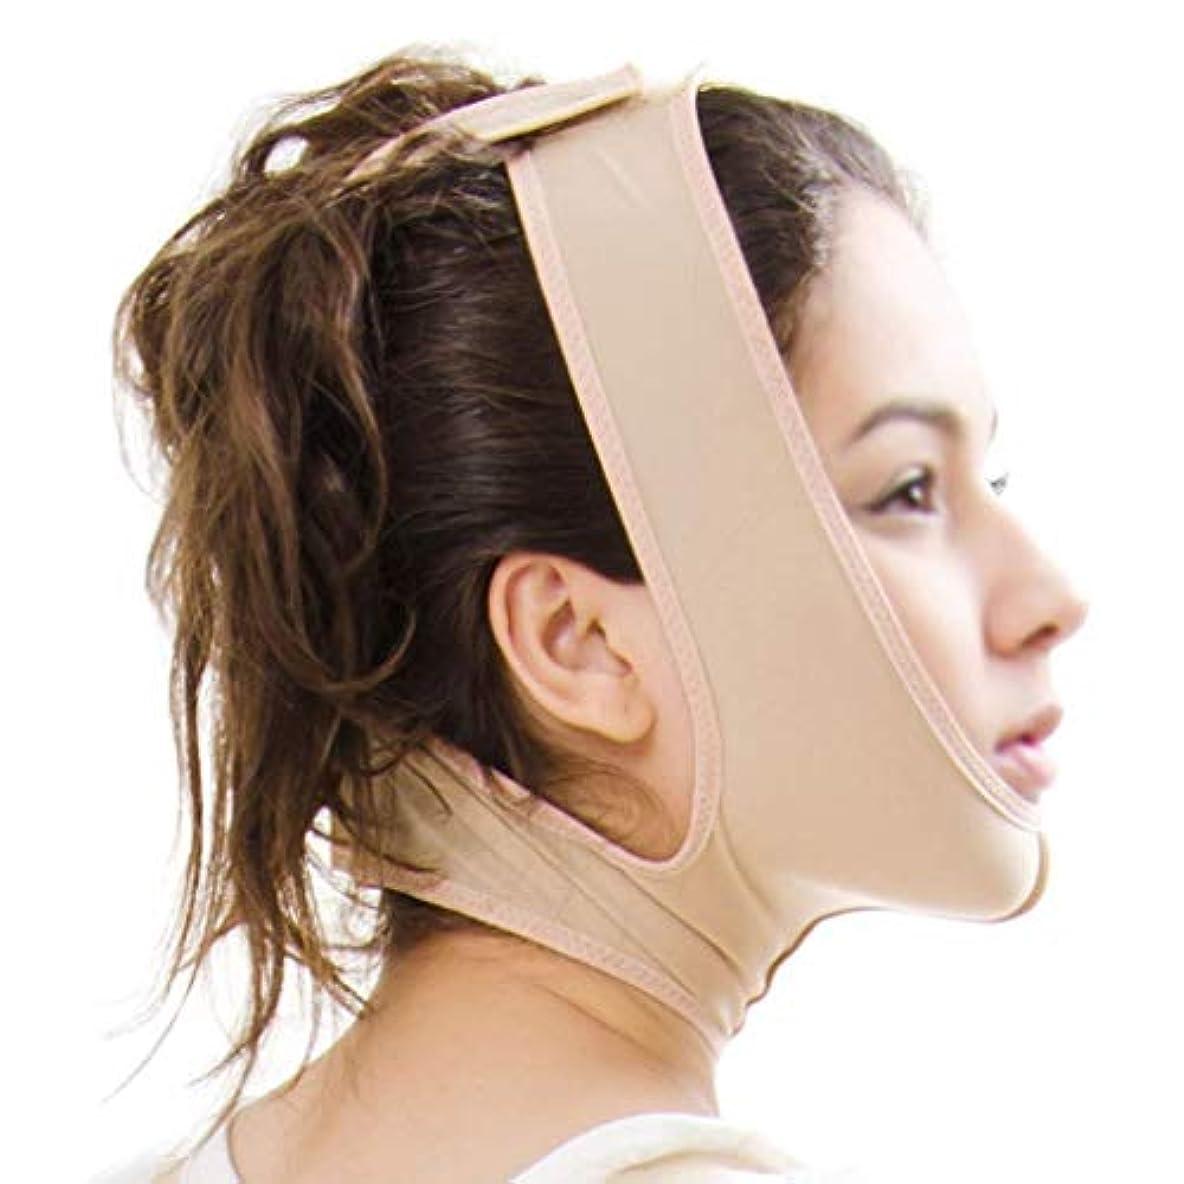 セーブ名詞時代顔のリフティング包帯、あごの首と首のあごの二重顔、脂肪吸引術、術後創傷マスク(サイズ:XXL)